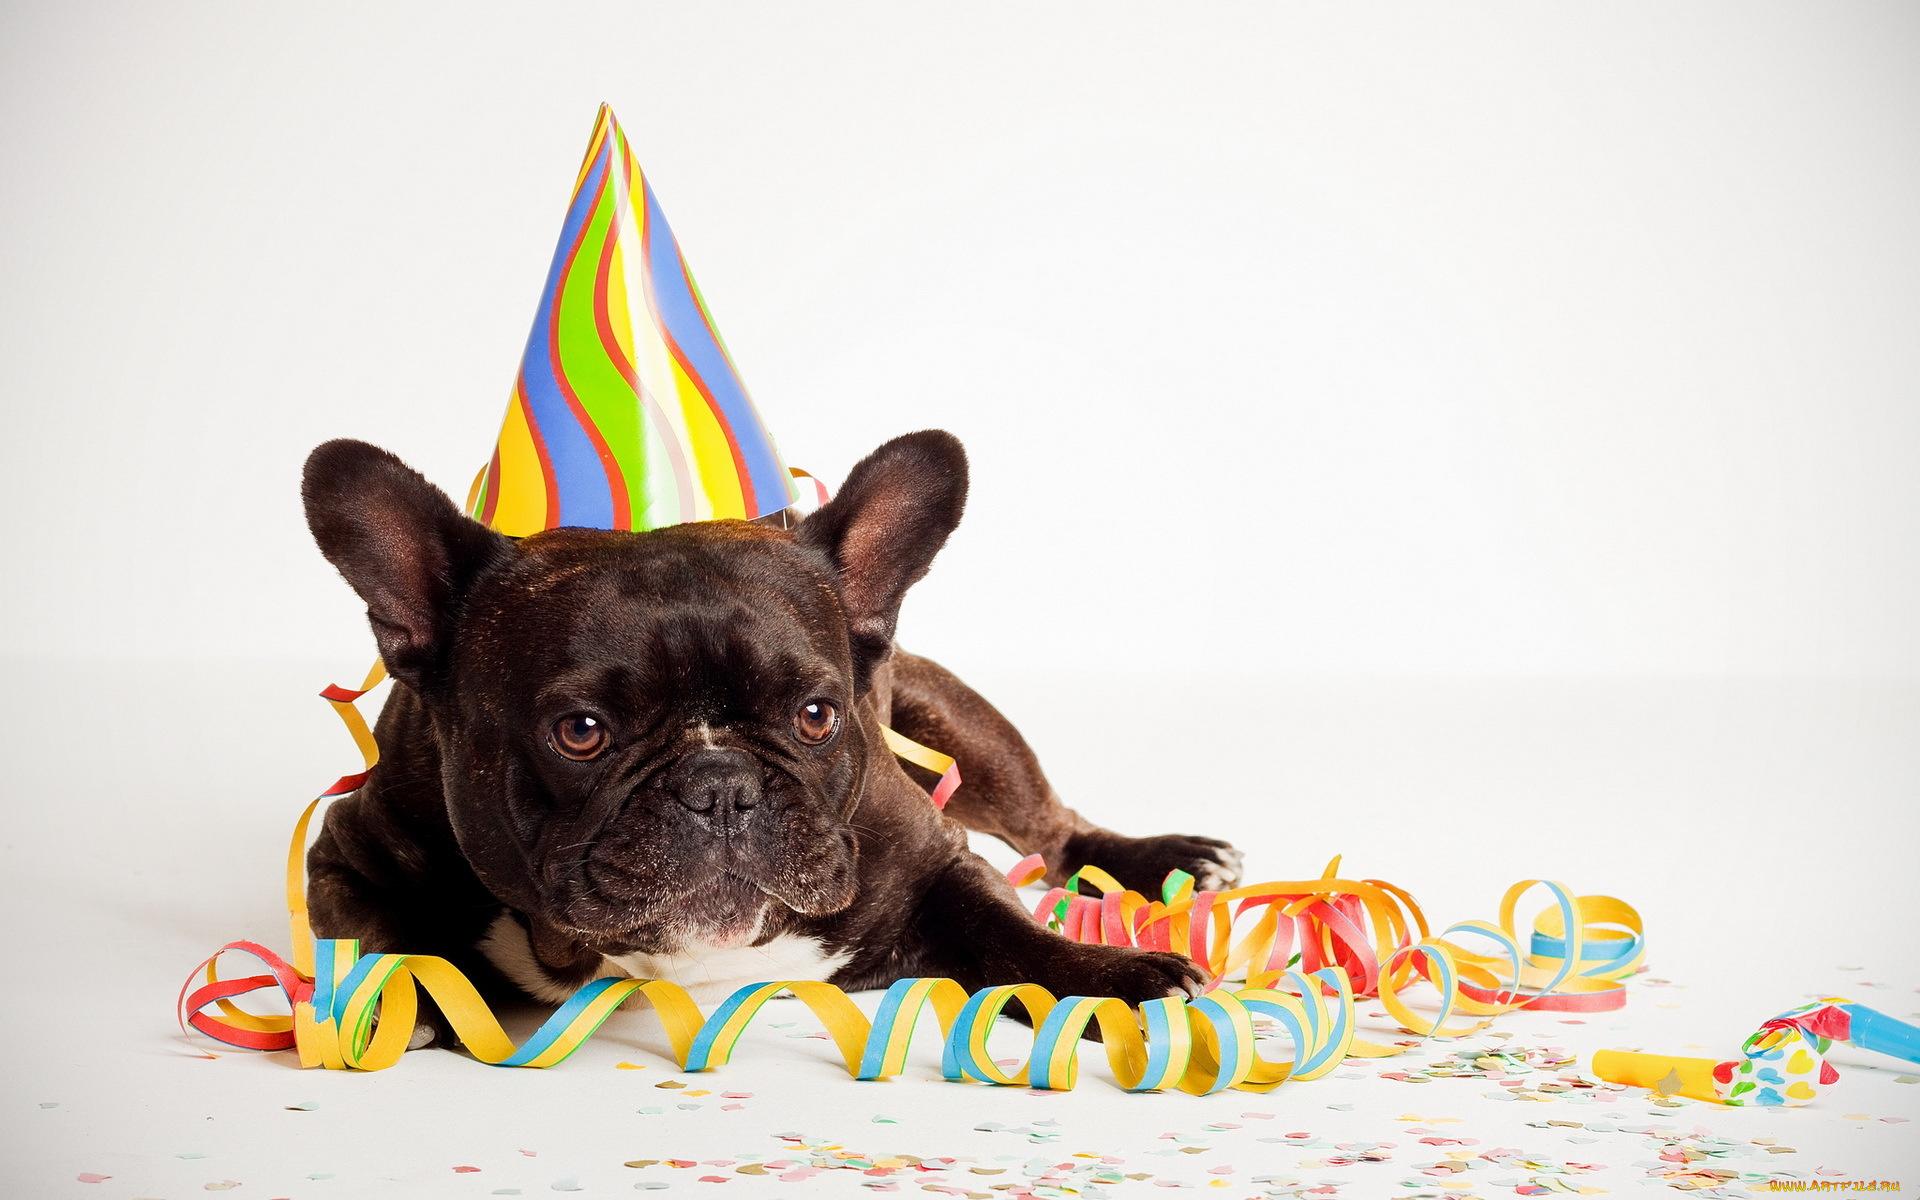 Крутые, прикольные картинки с собаками с днем рождения